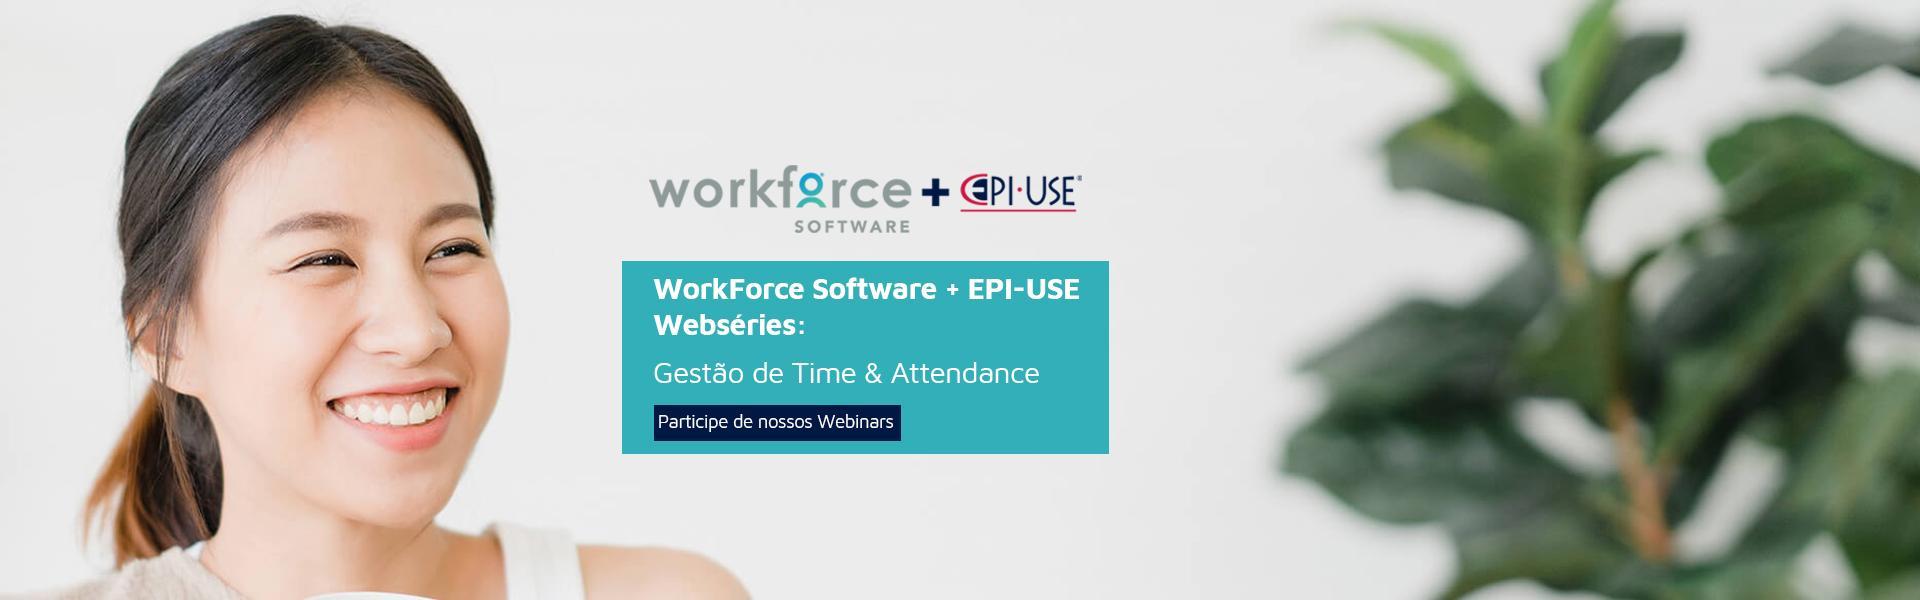 WorkForce Software + EPI-USE Webséries: Facilitando seu processo de Time & Attendance